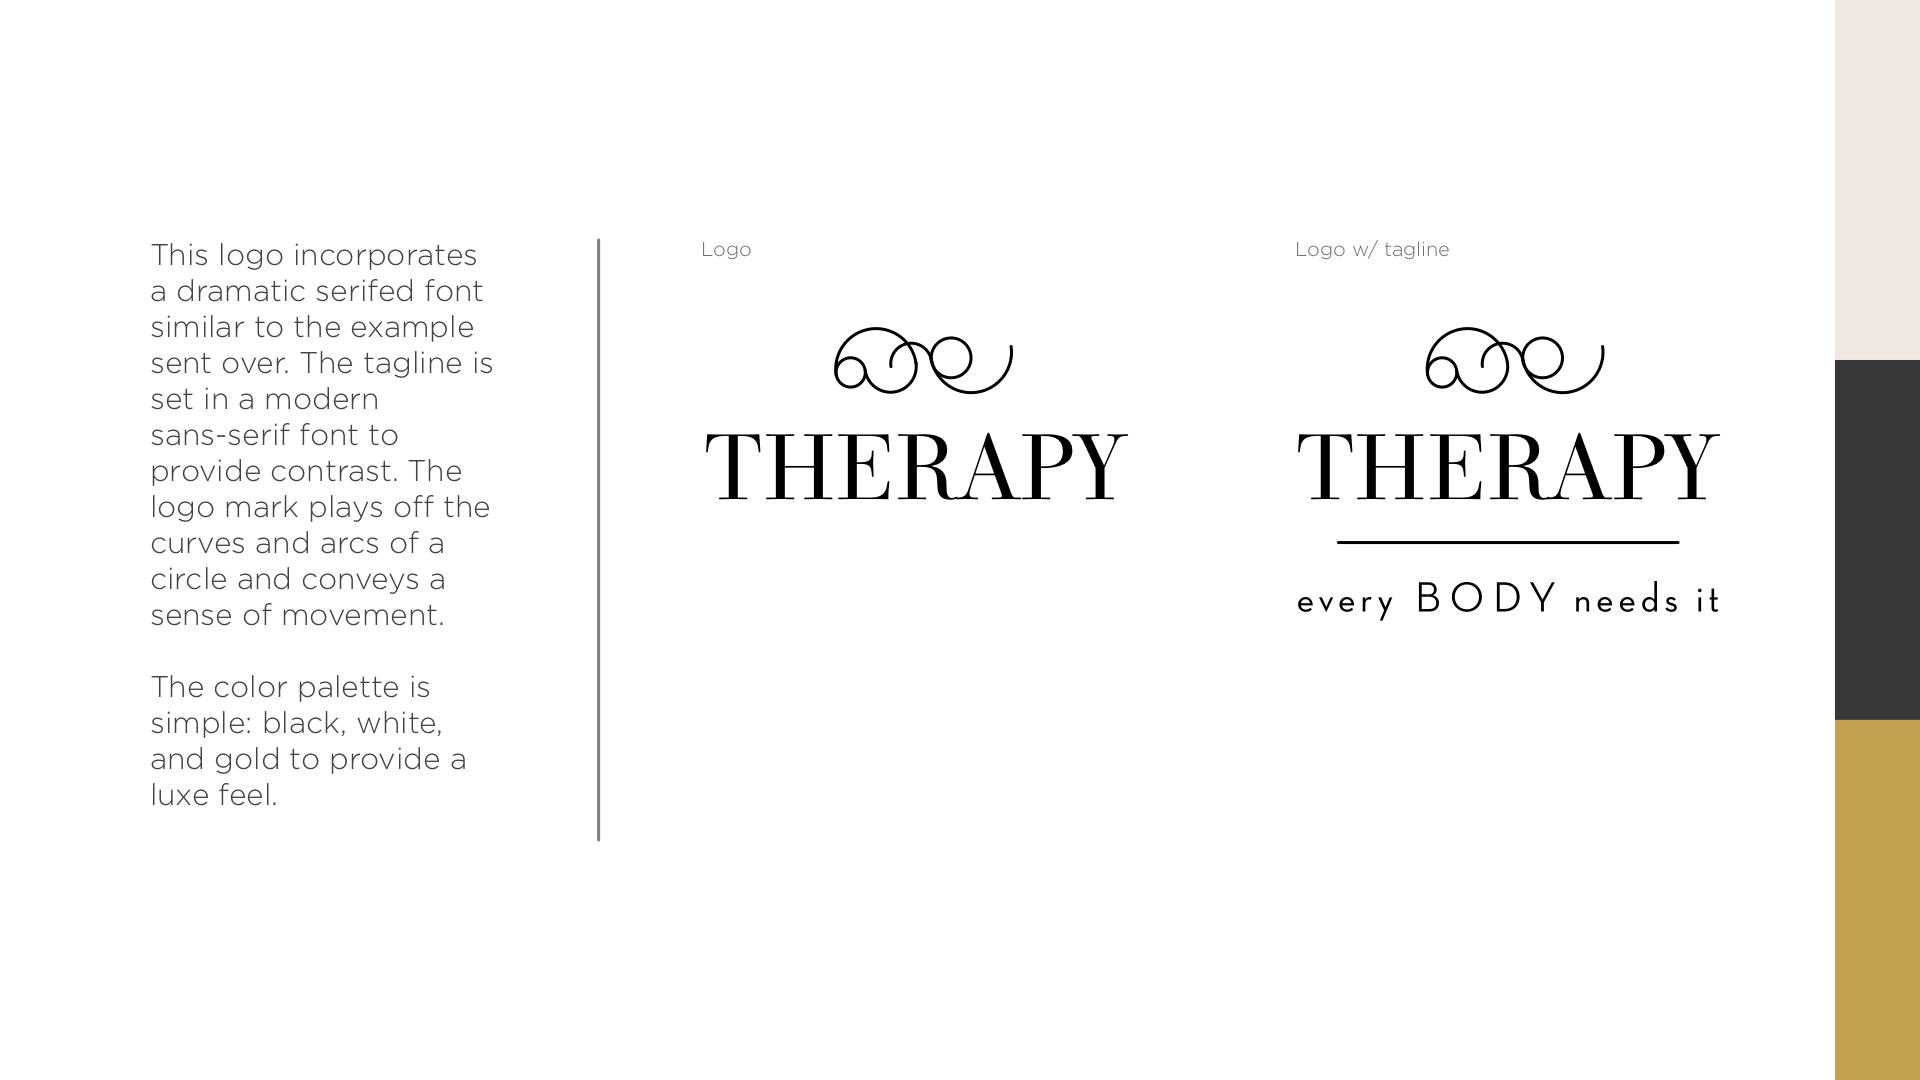 TherapyLogo_v1-2.jpg